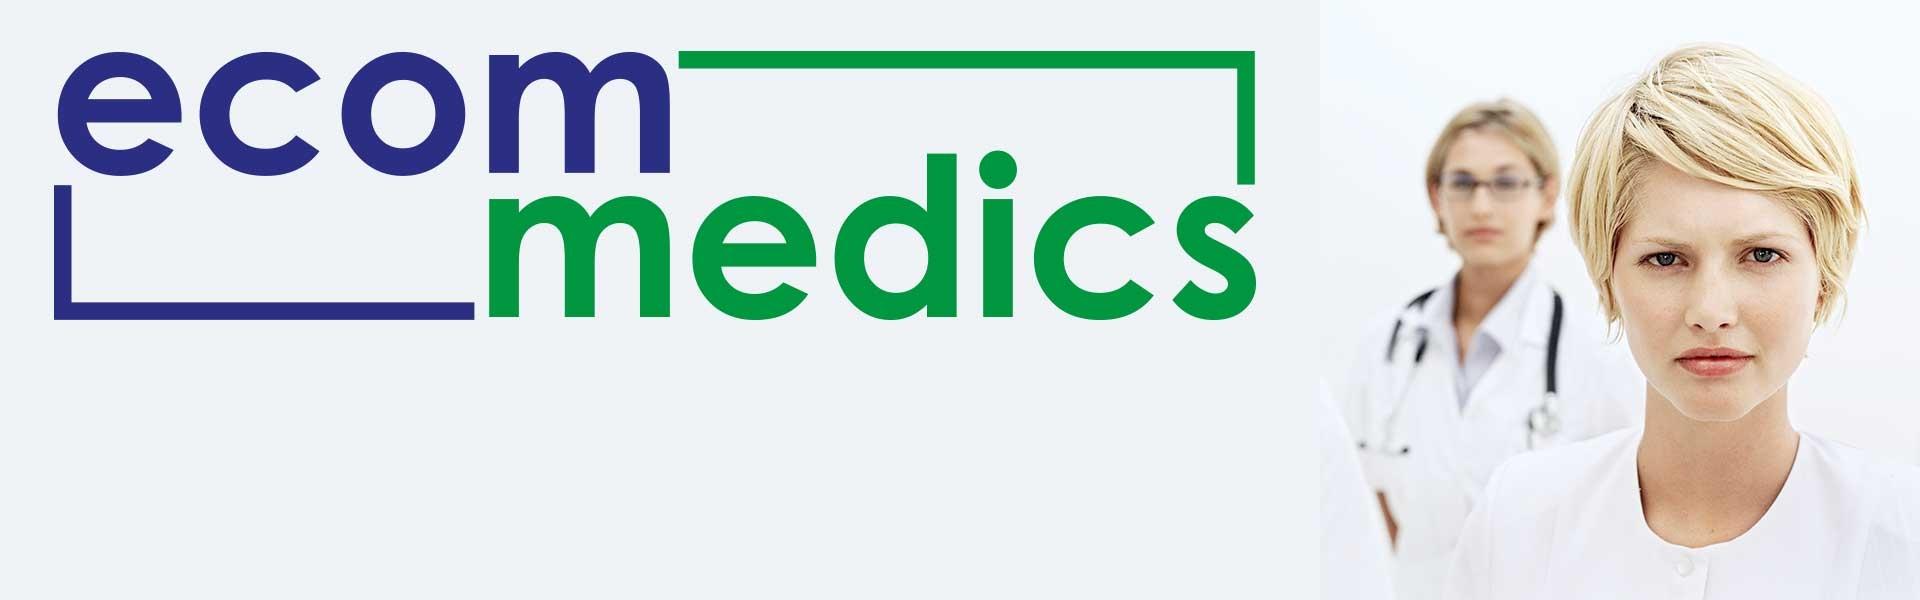 ecommedics slider